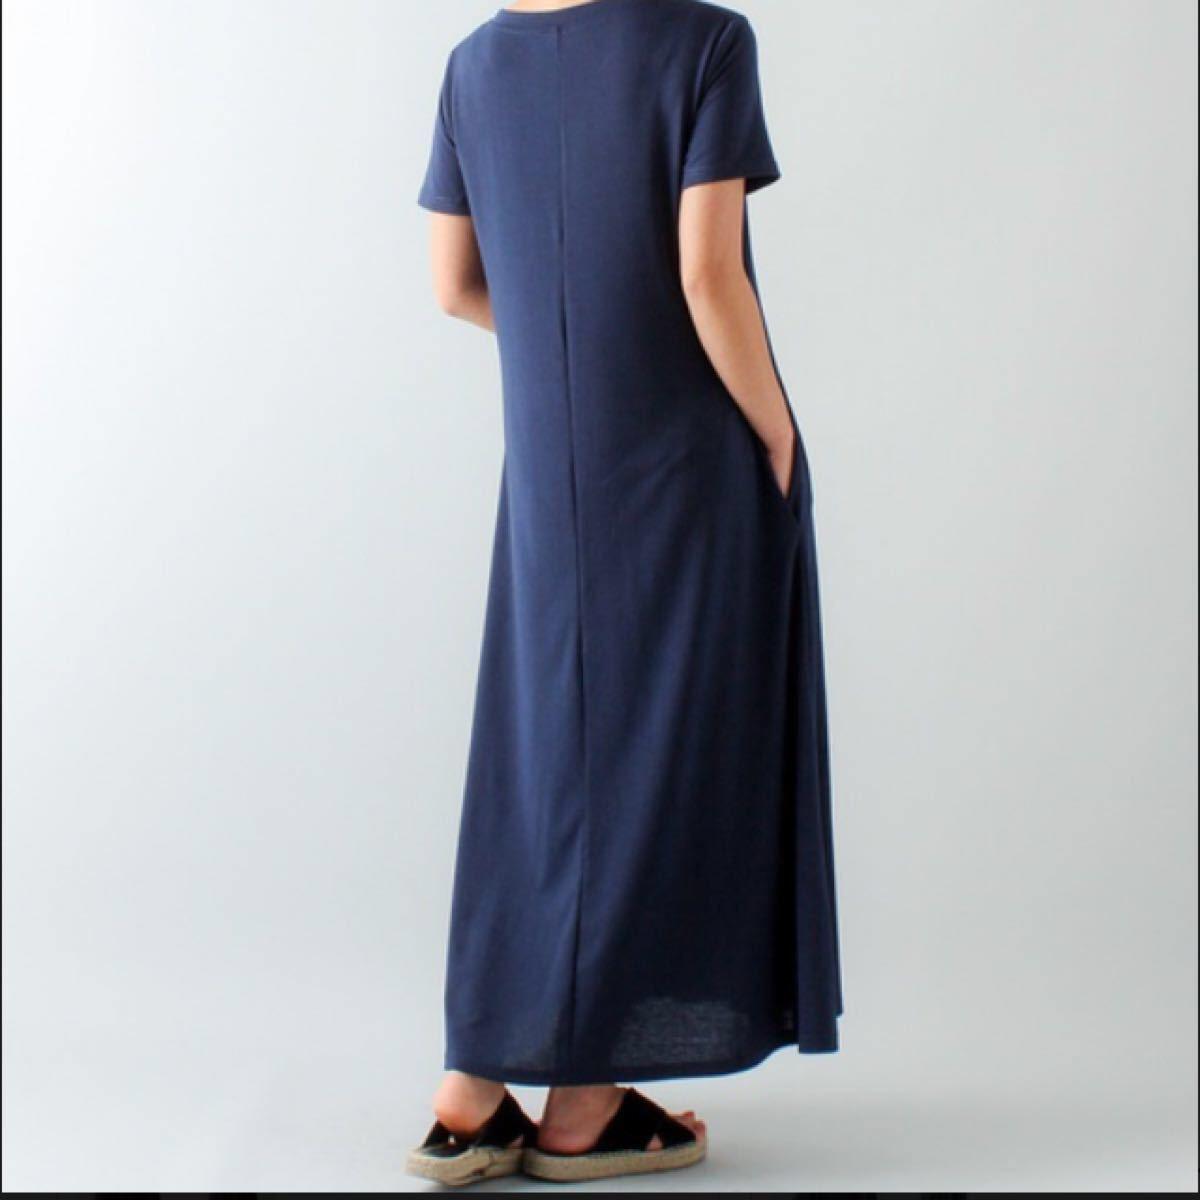 マキシ丈  ロングワンピース  パープル